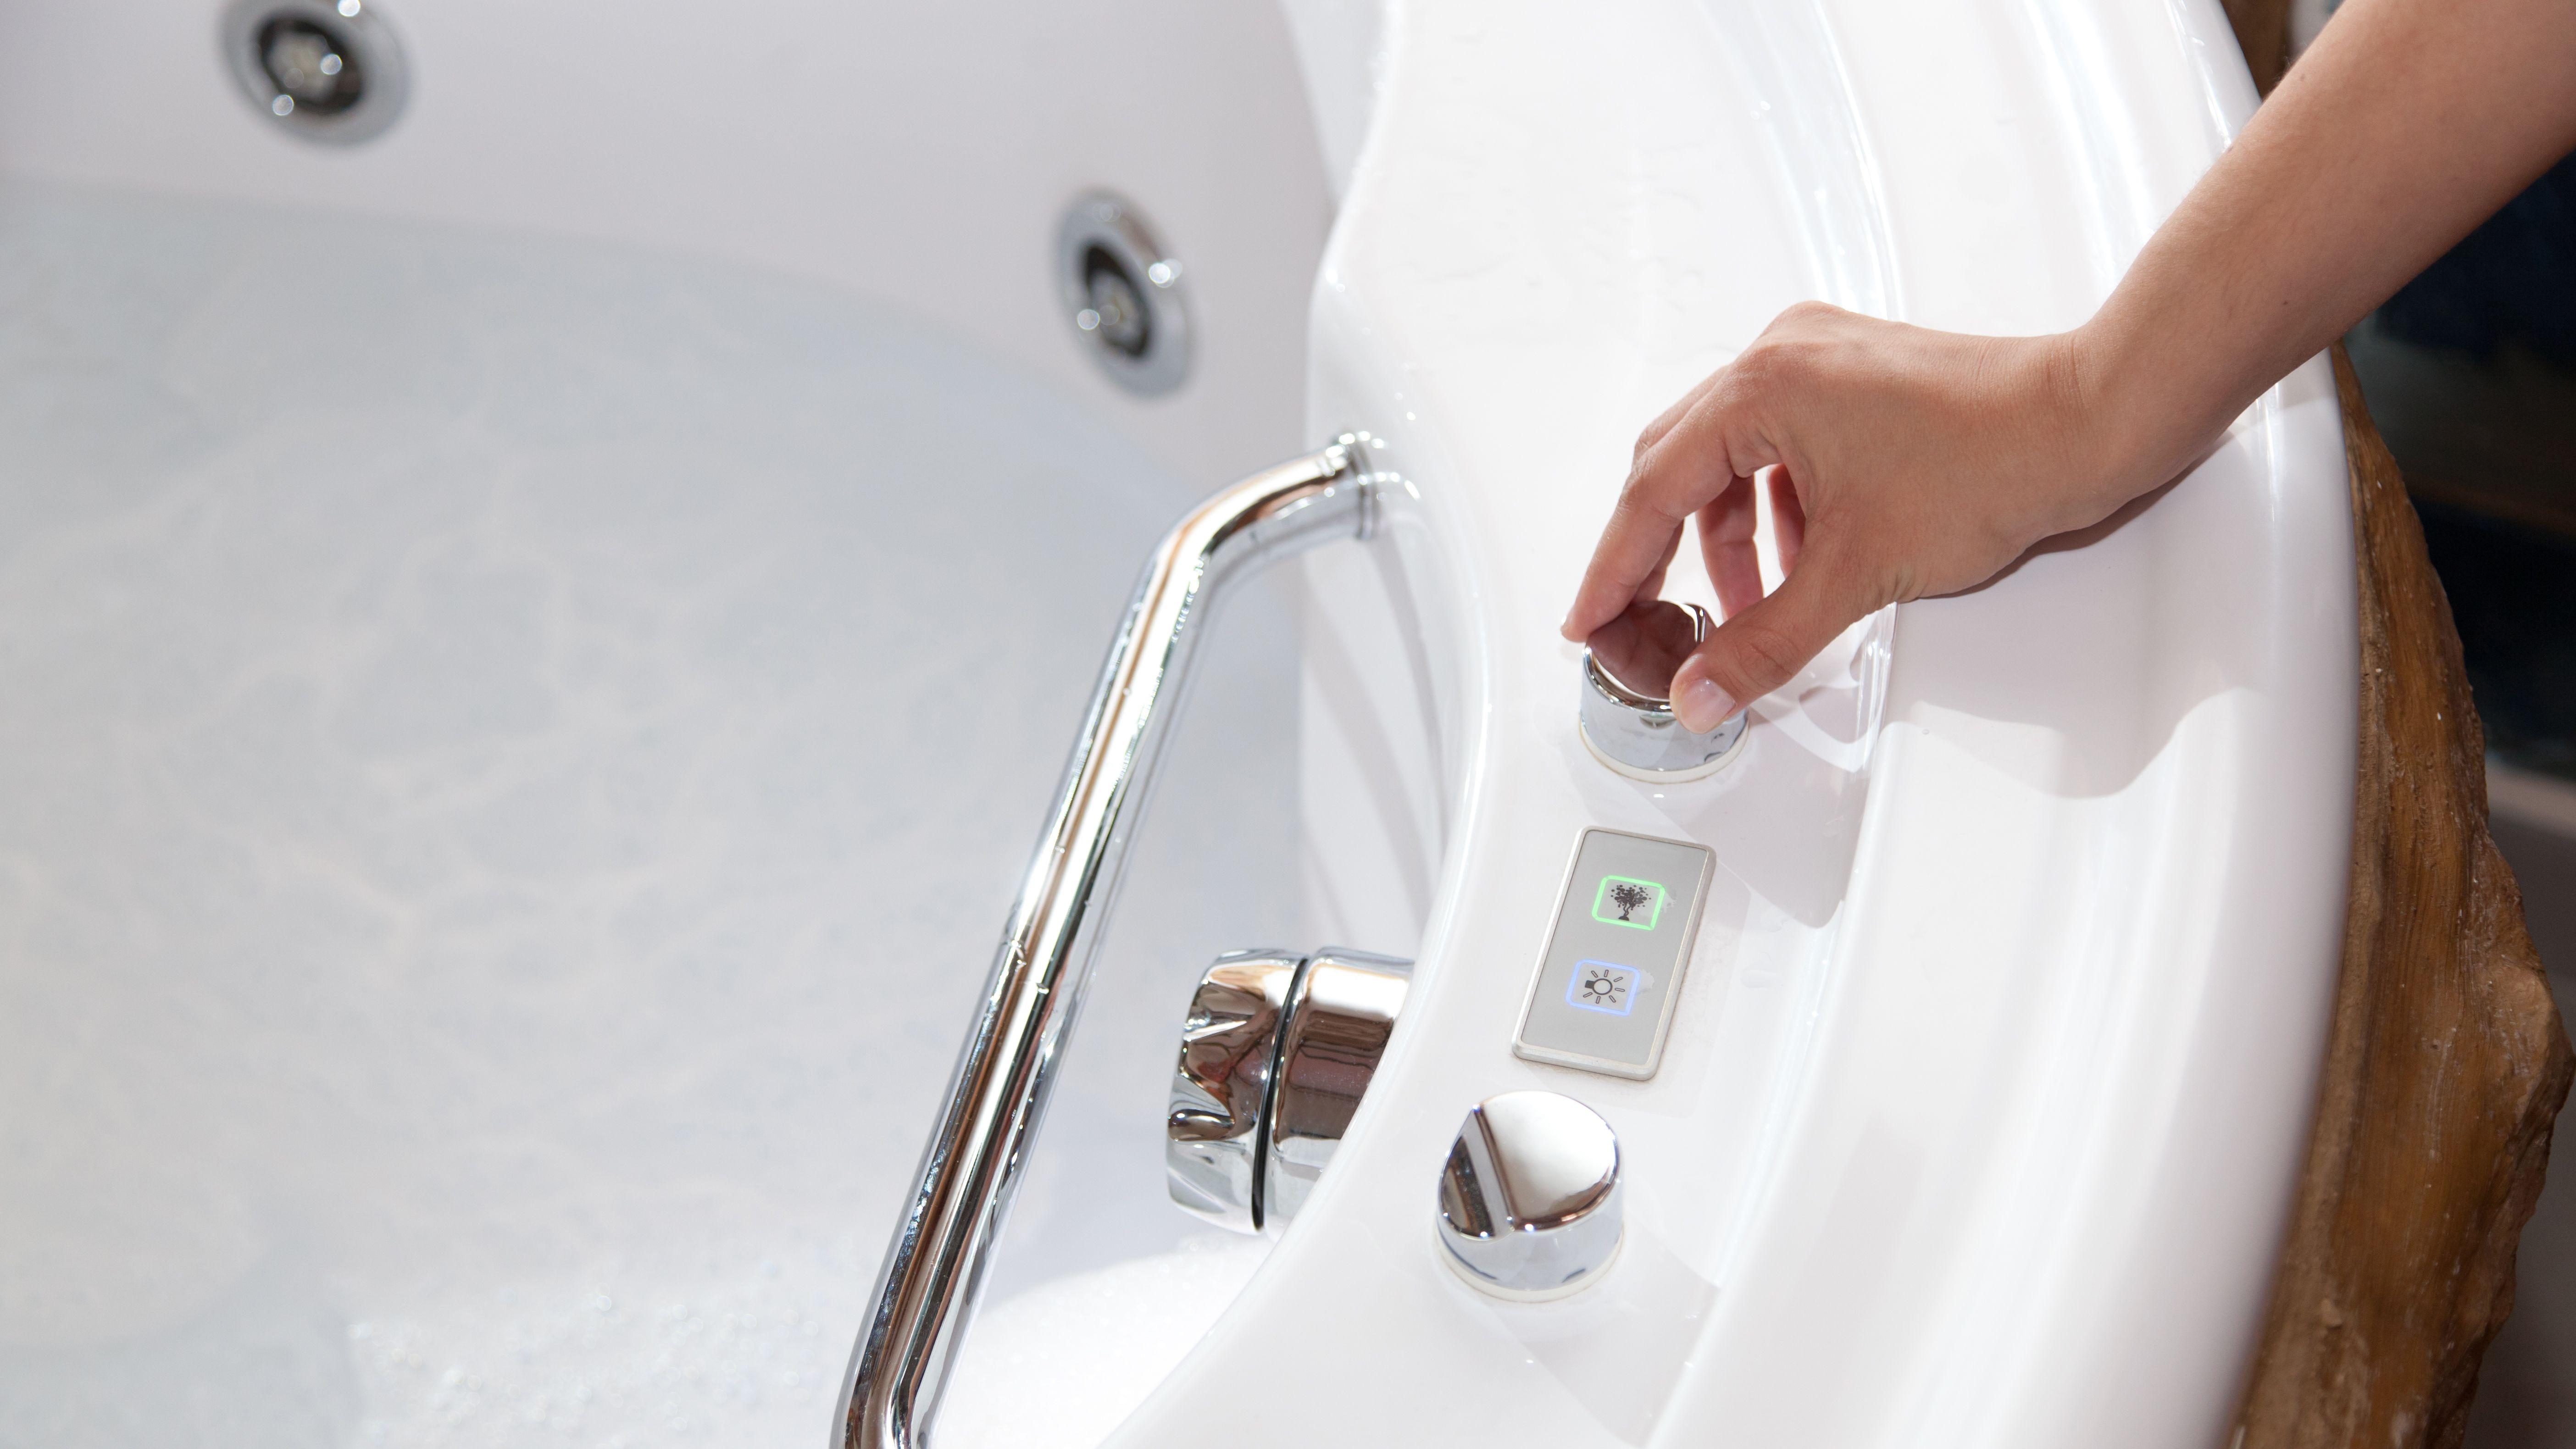 Klassische Badewanne oder Whirlpool-Wanne: Was ist besser?